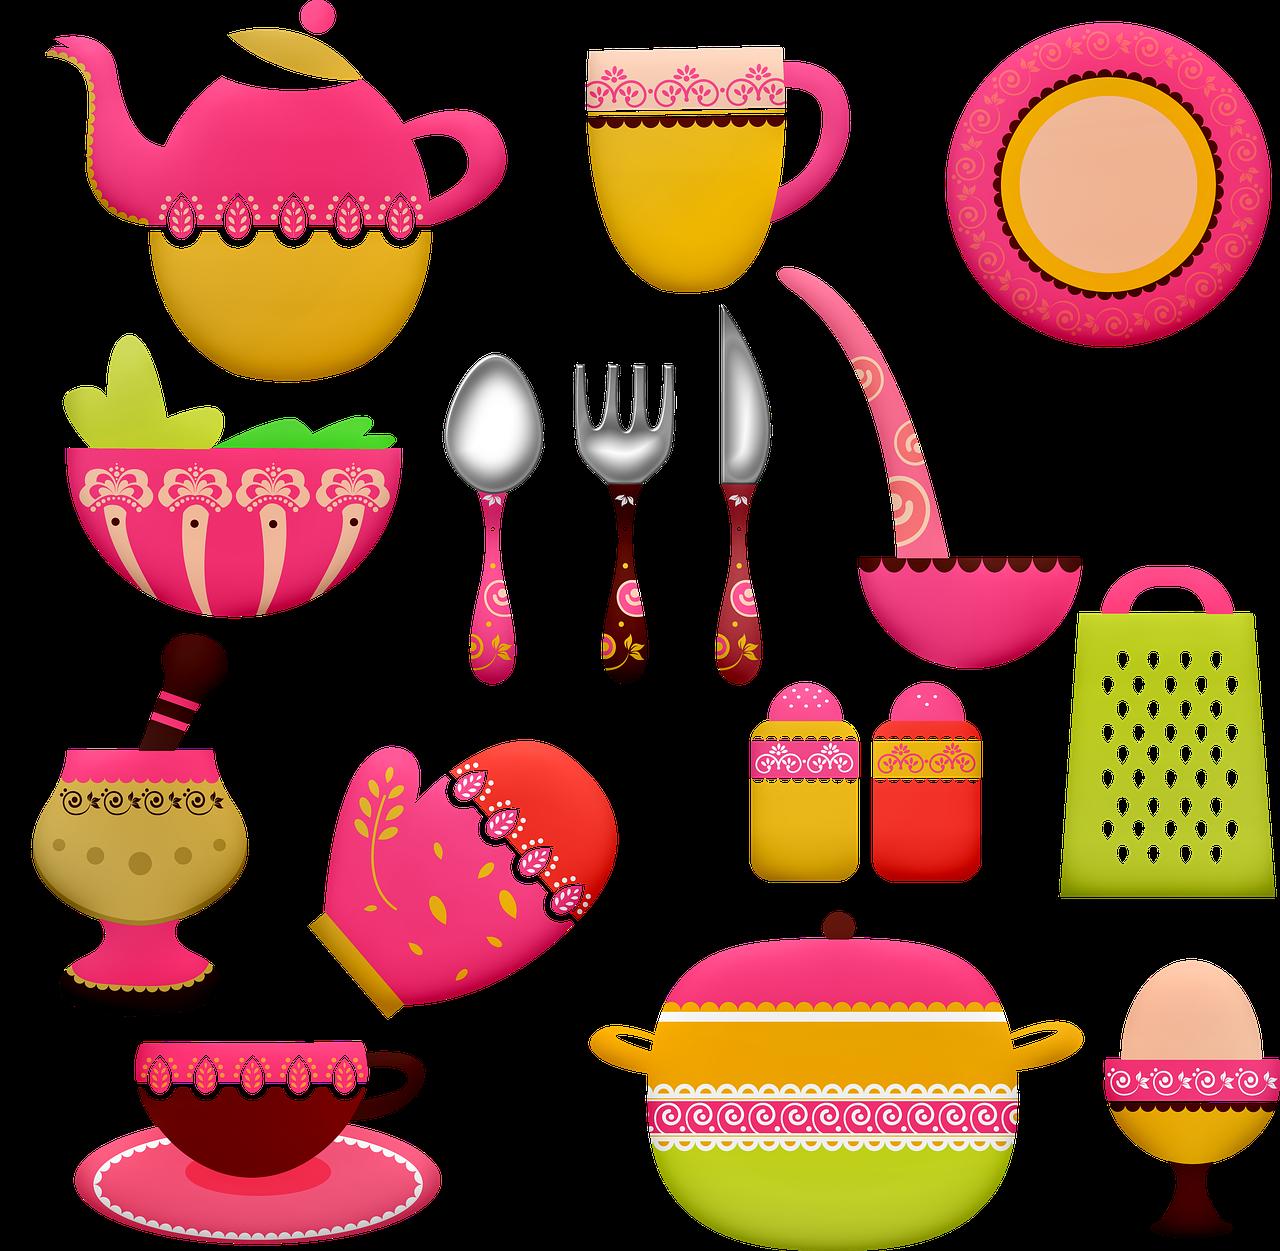 полна картинки для кухни вектор модели для различных